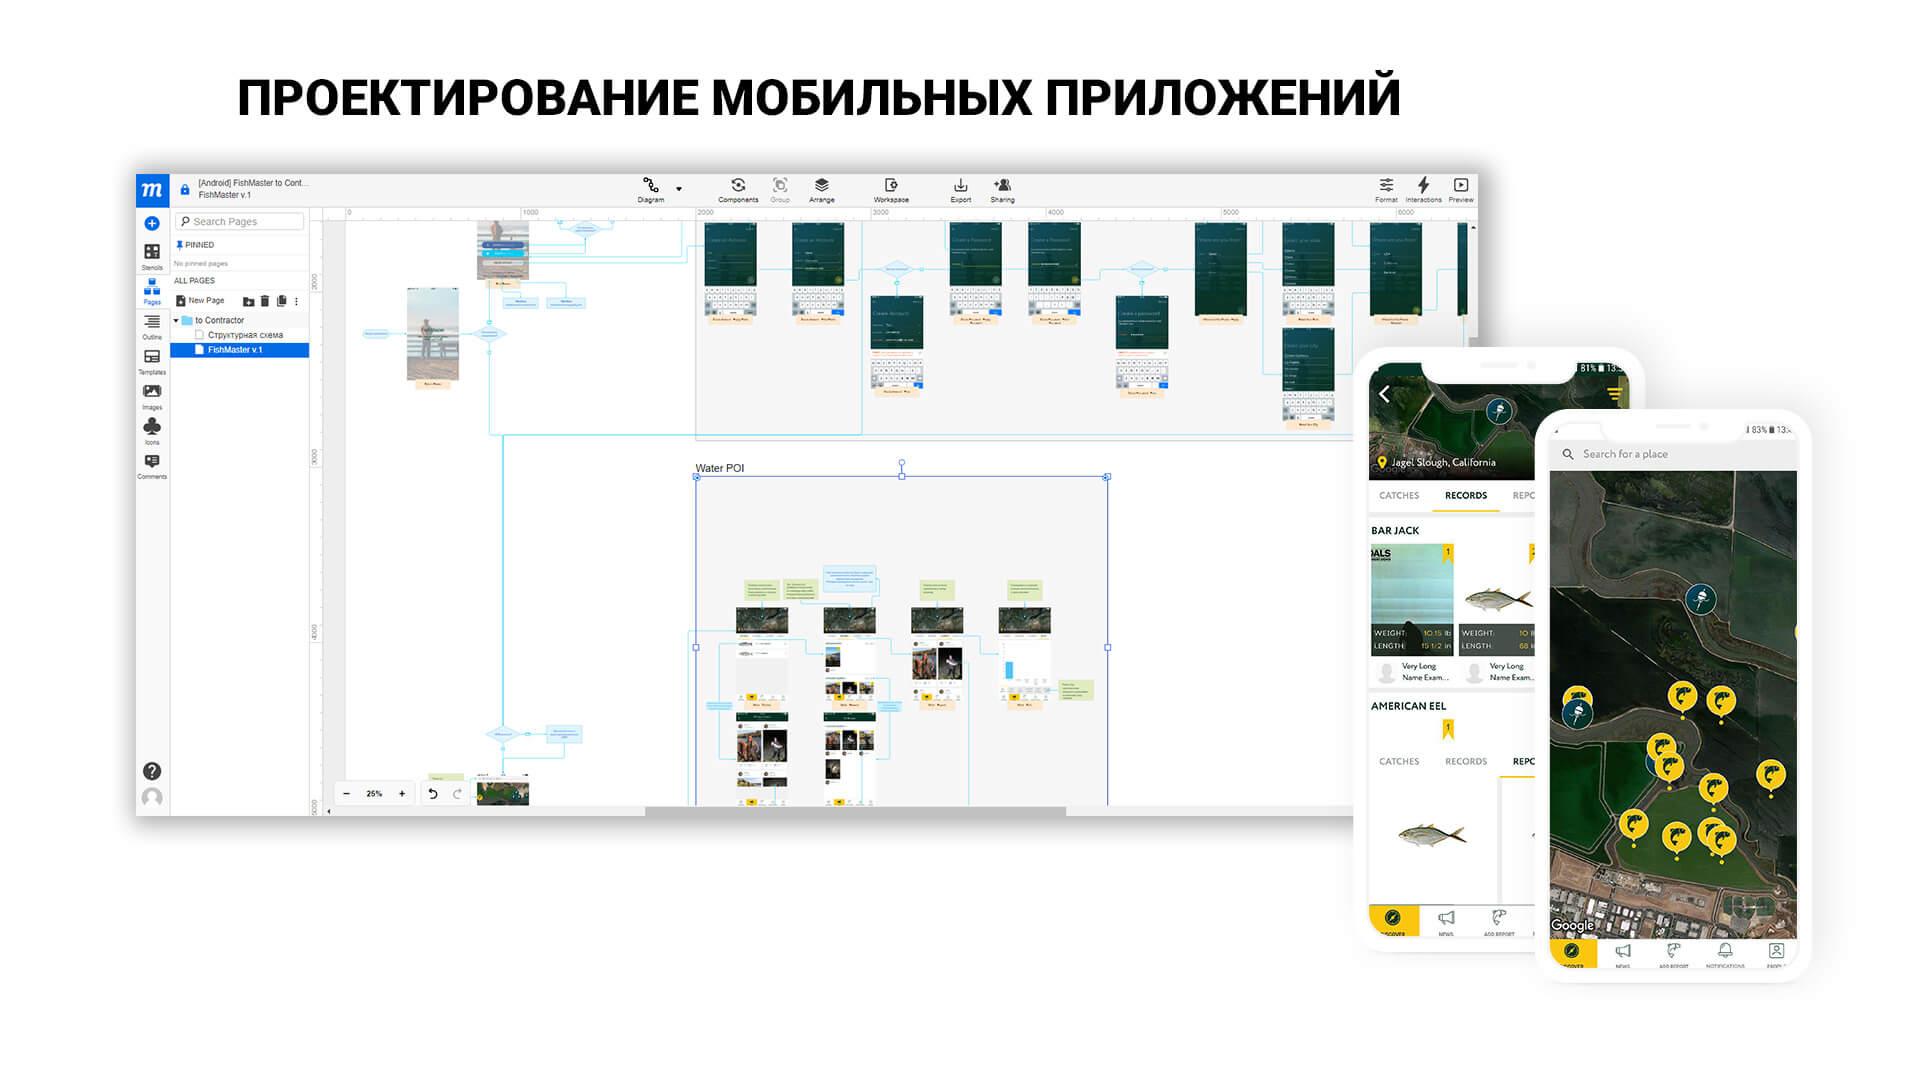 Проектирование мобильных приложений